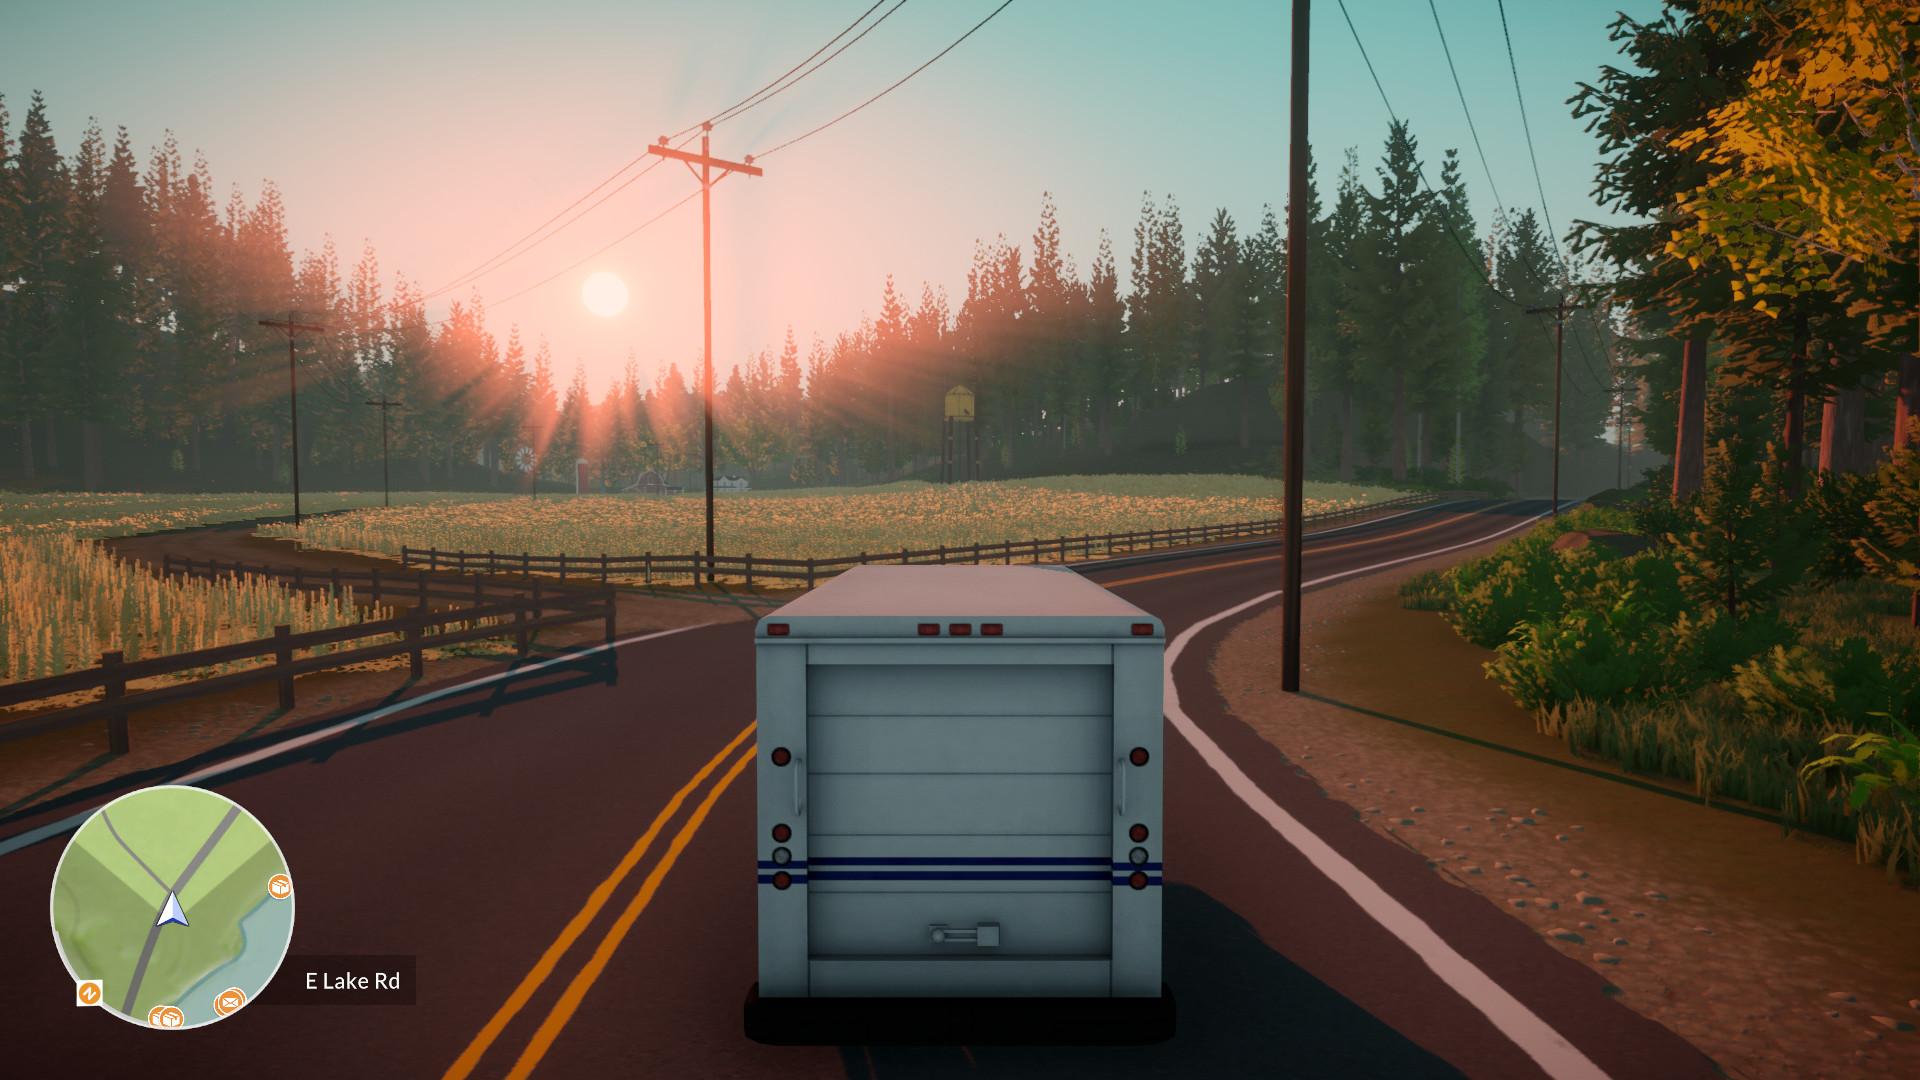 Ruta de reparto en camión